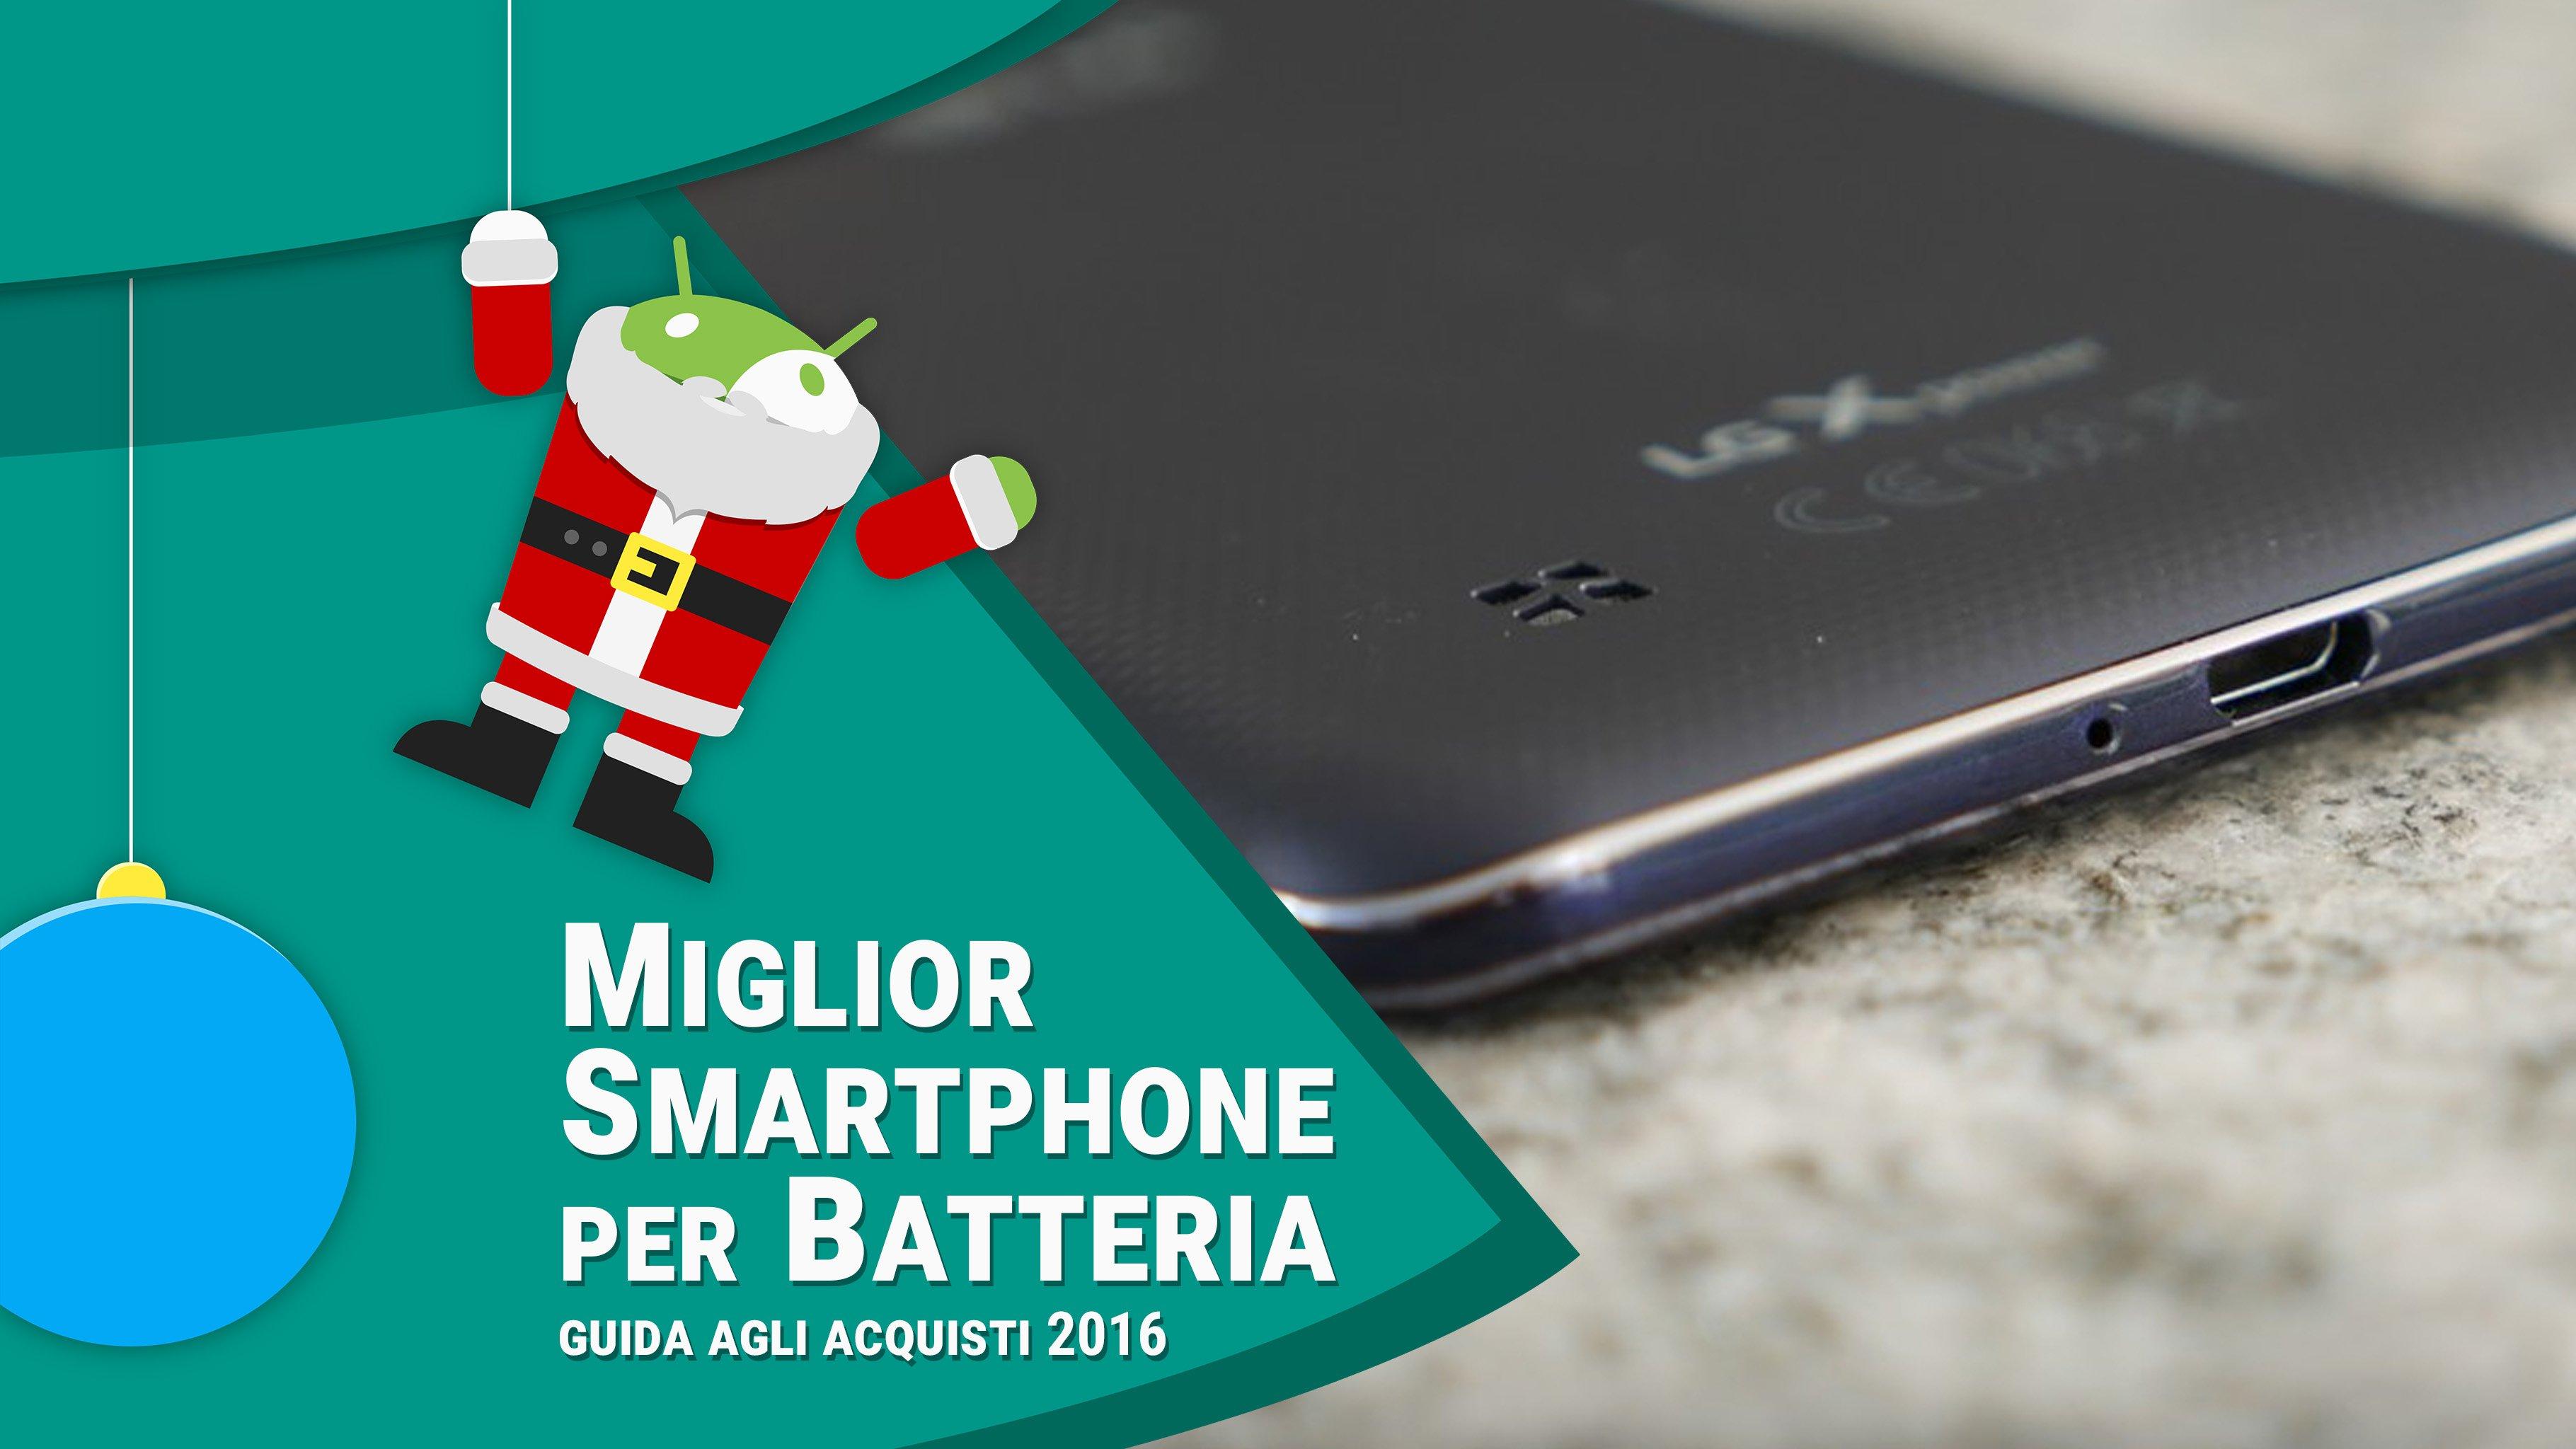 Miglior smartphone android per batteria gennaio 2017 - Miglior antifurto casa 2016 ...